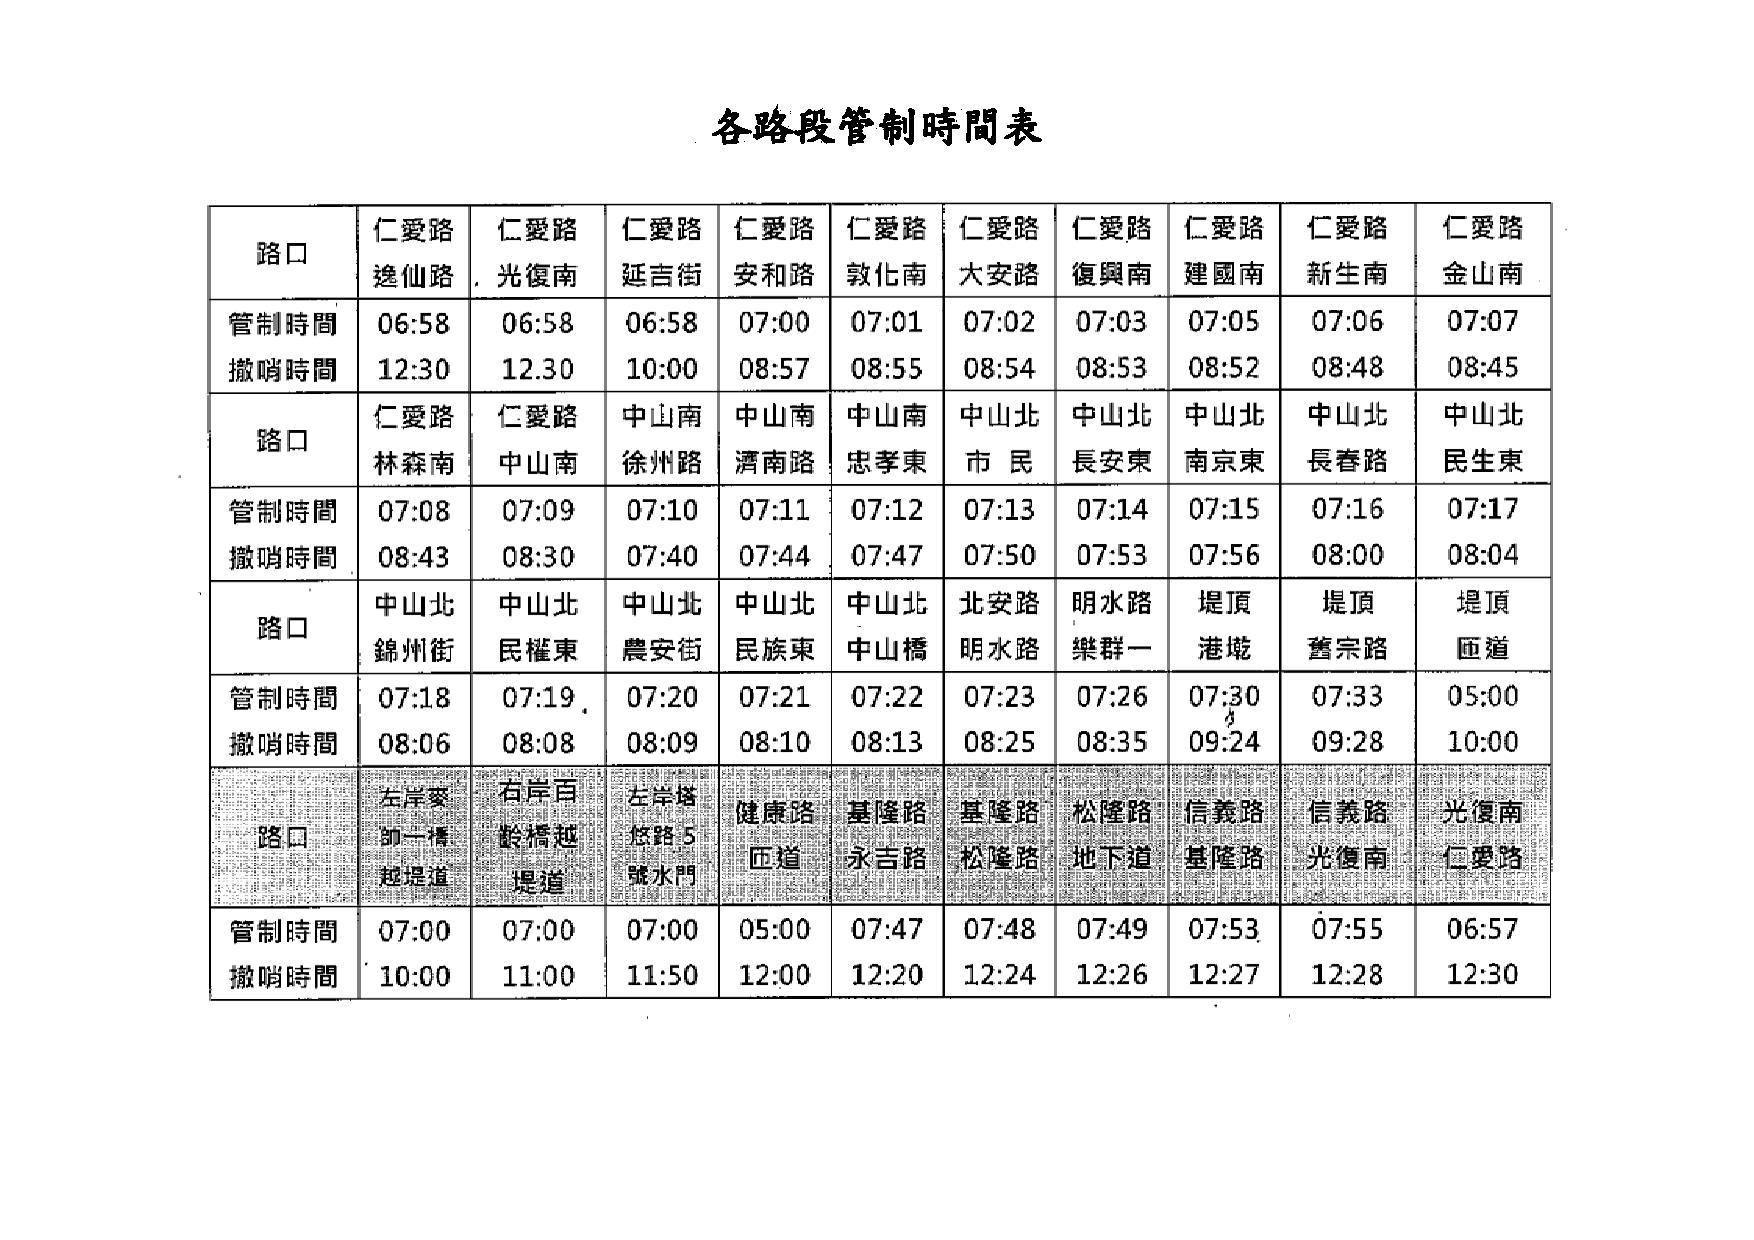 管制時間表